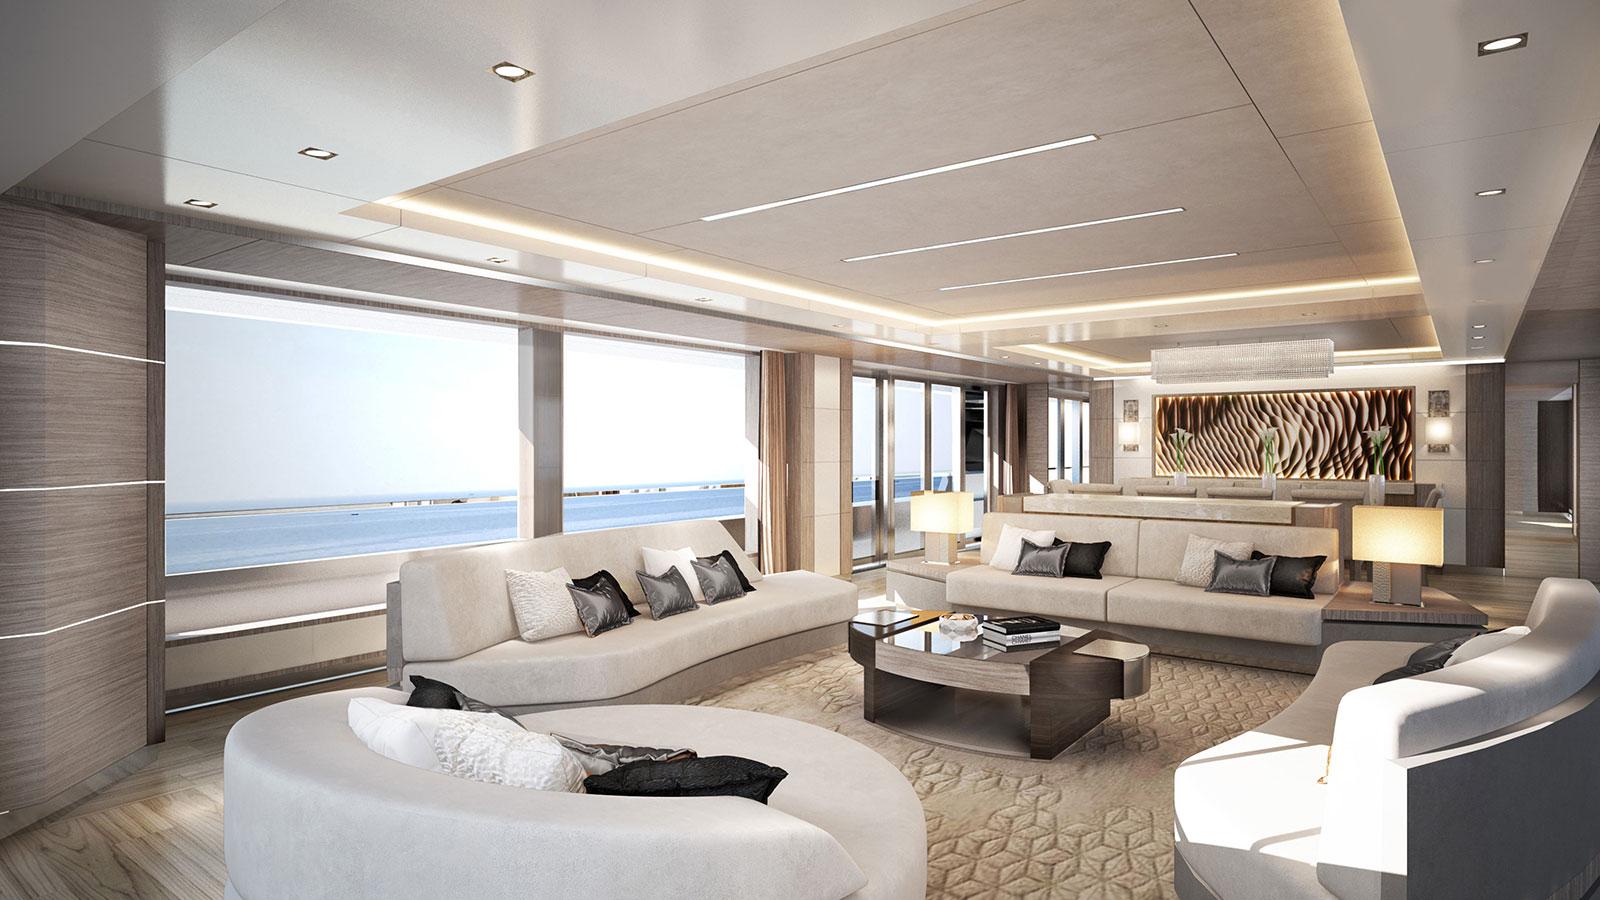 44-metre-mengi-yay-motor-yacht-virtus-sold